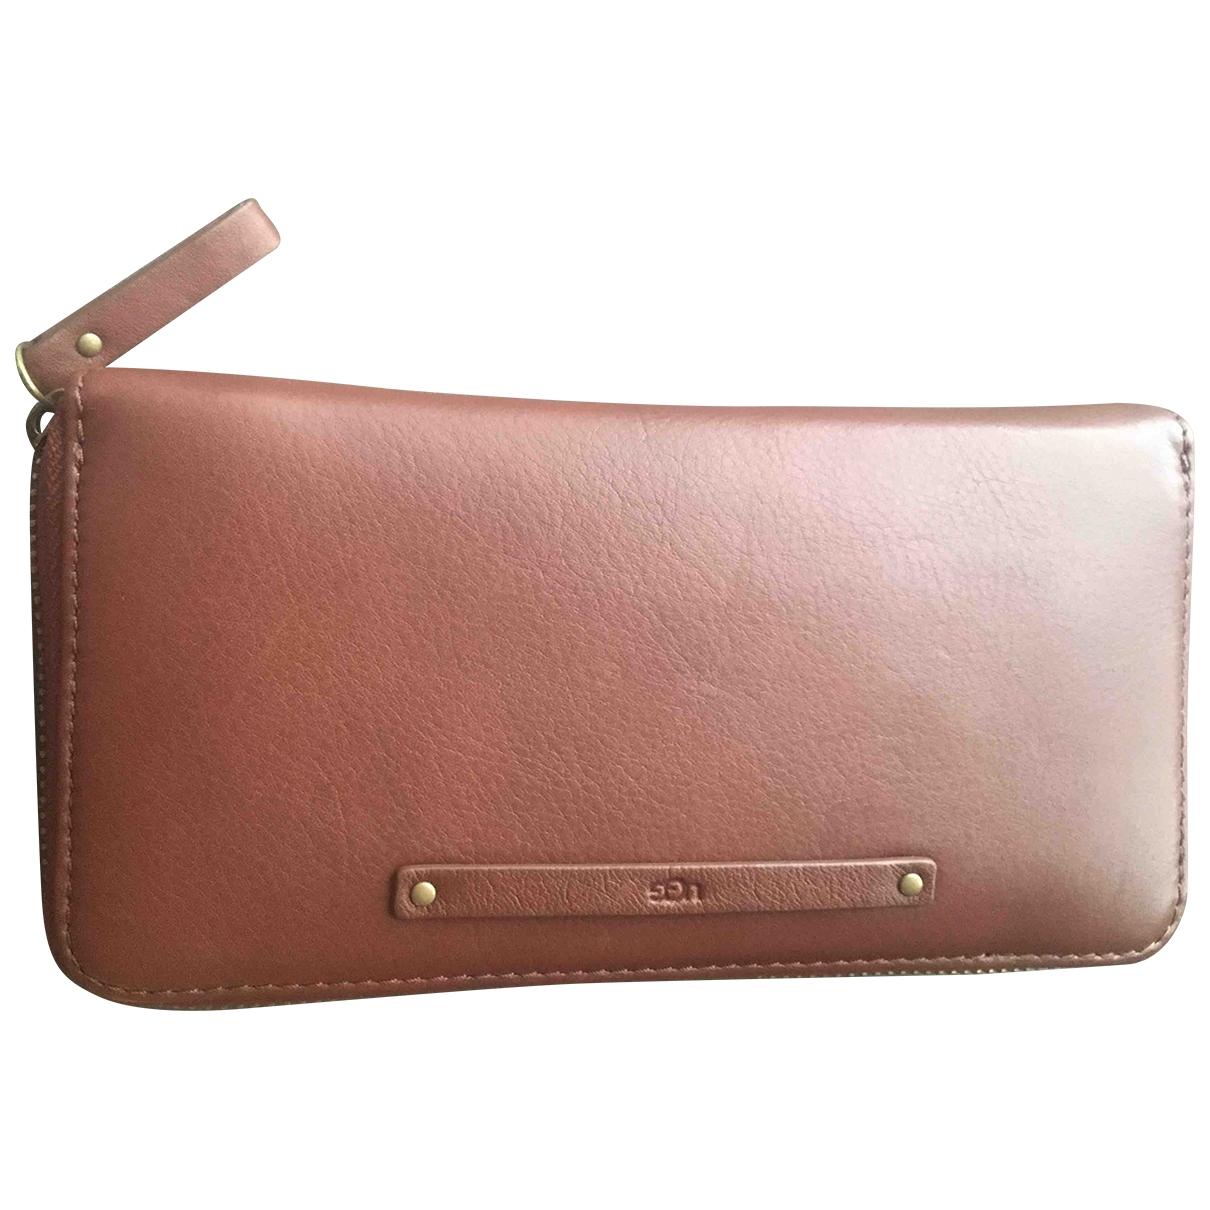 Ugg - Petite maroquinerie   pour femme en cuir - marron